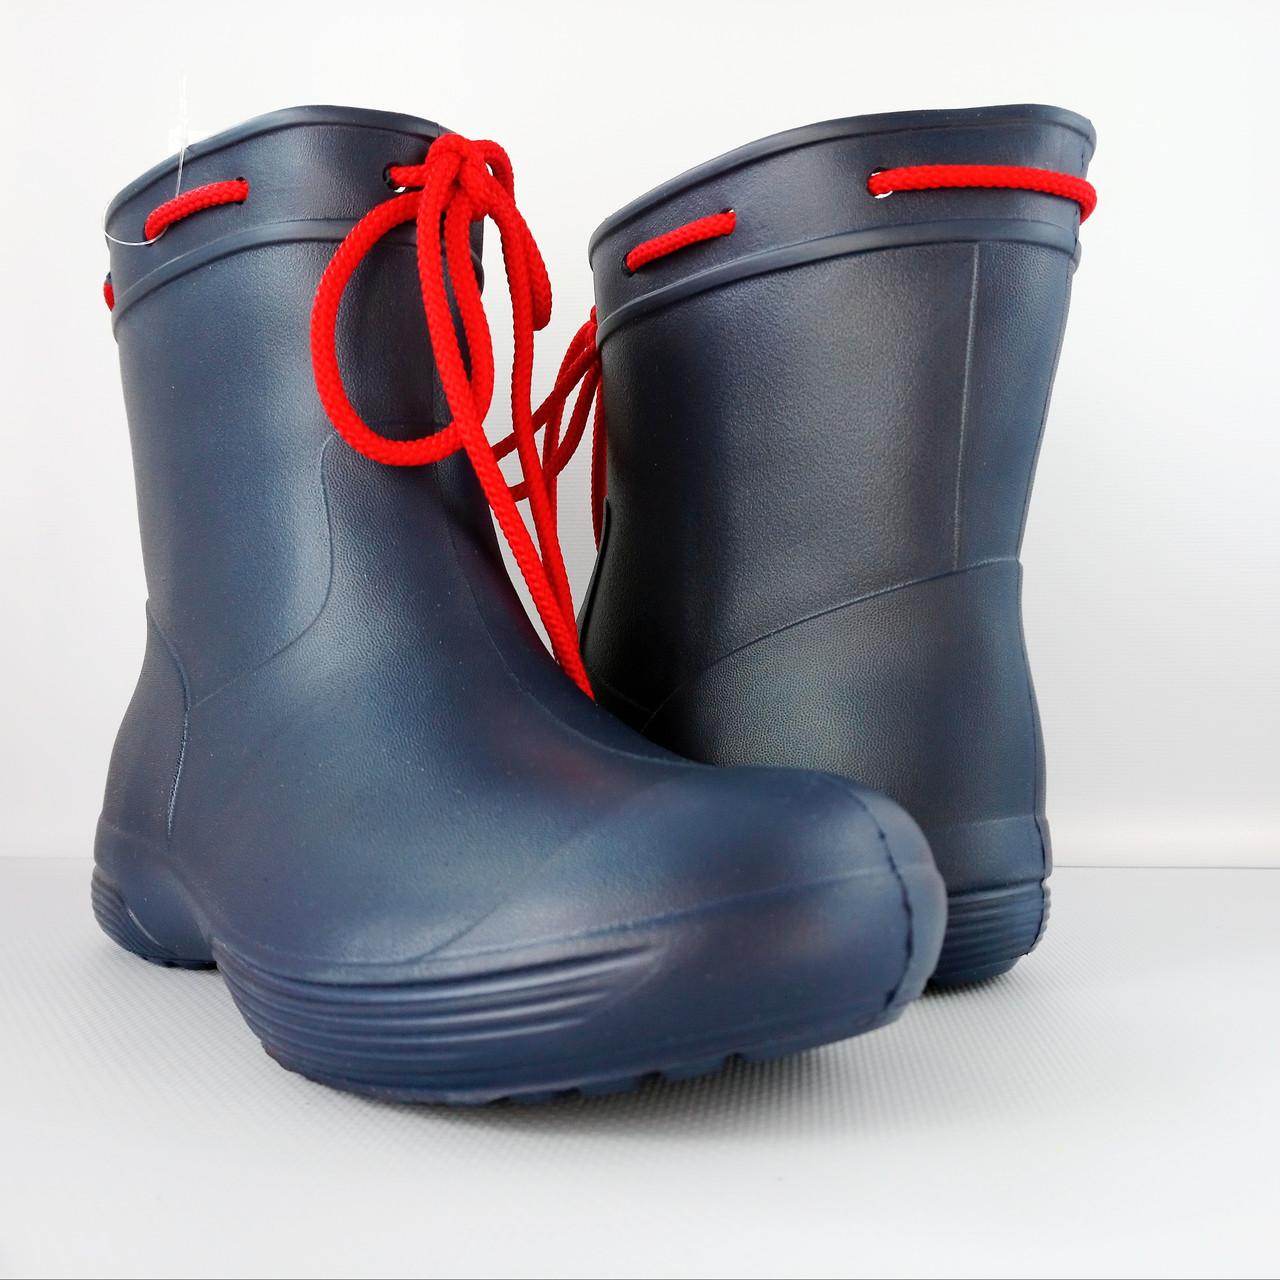 Гумові чоботи з піни, р 37, Сині чоботи на сльоту і дощ